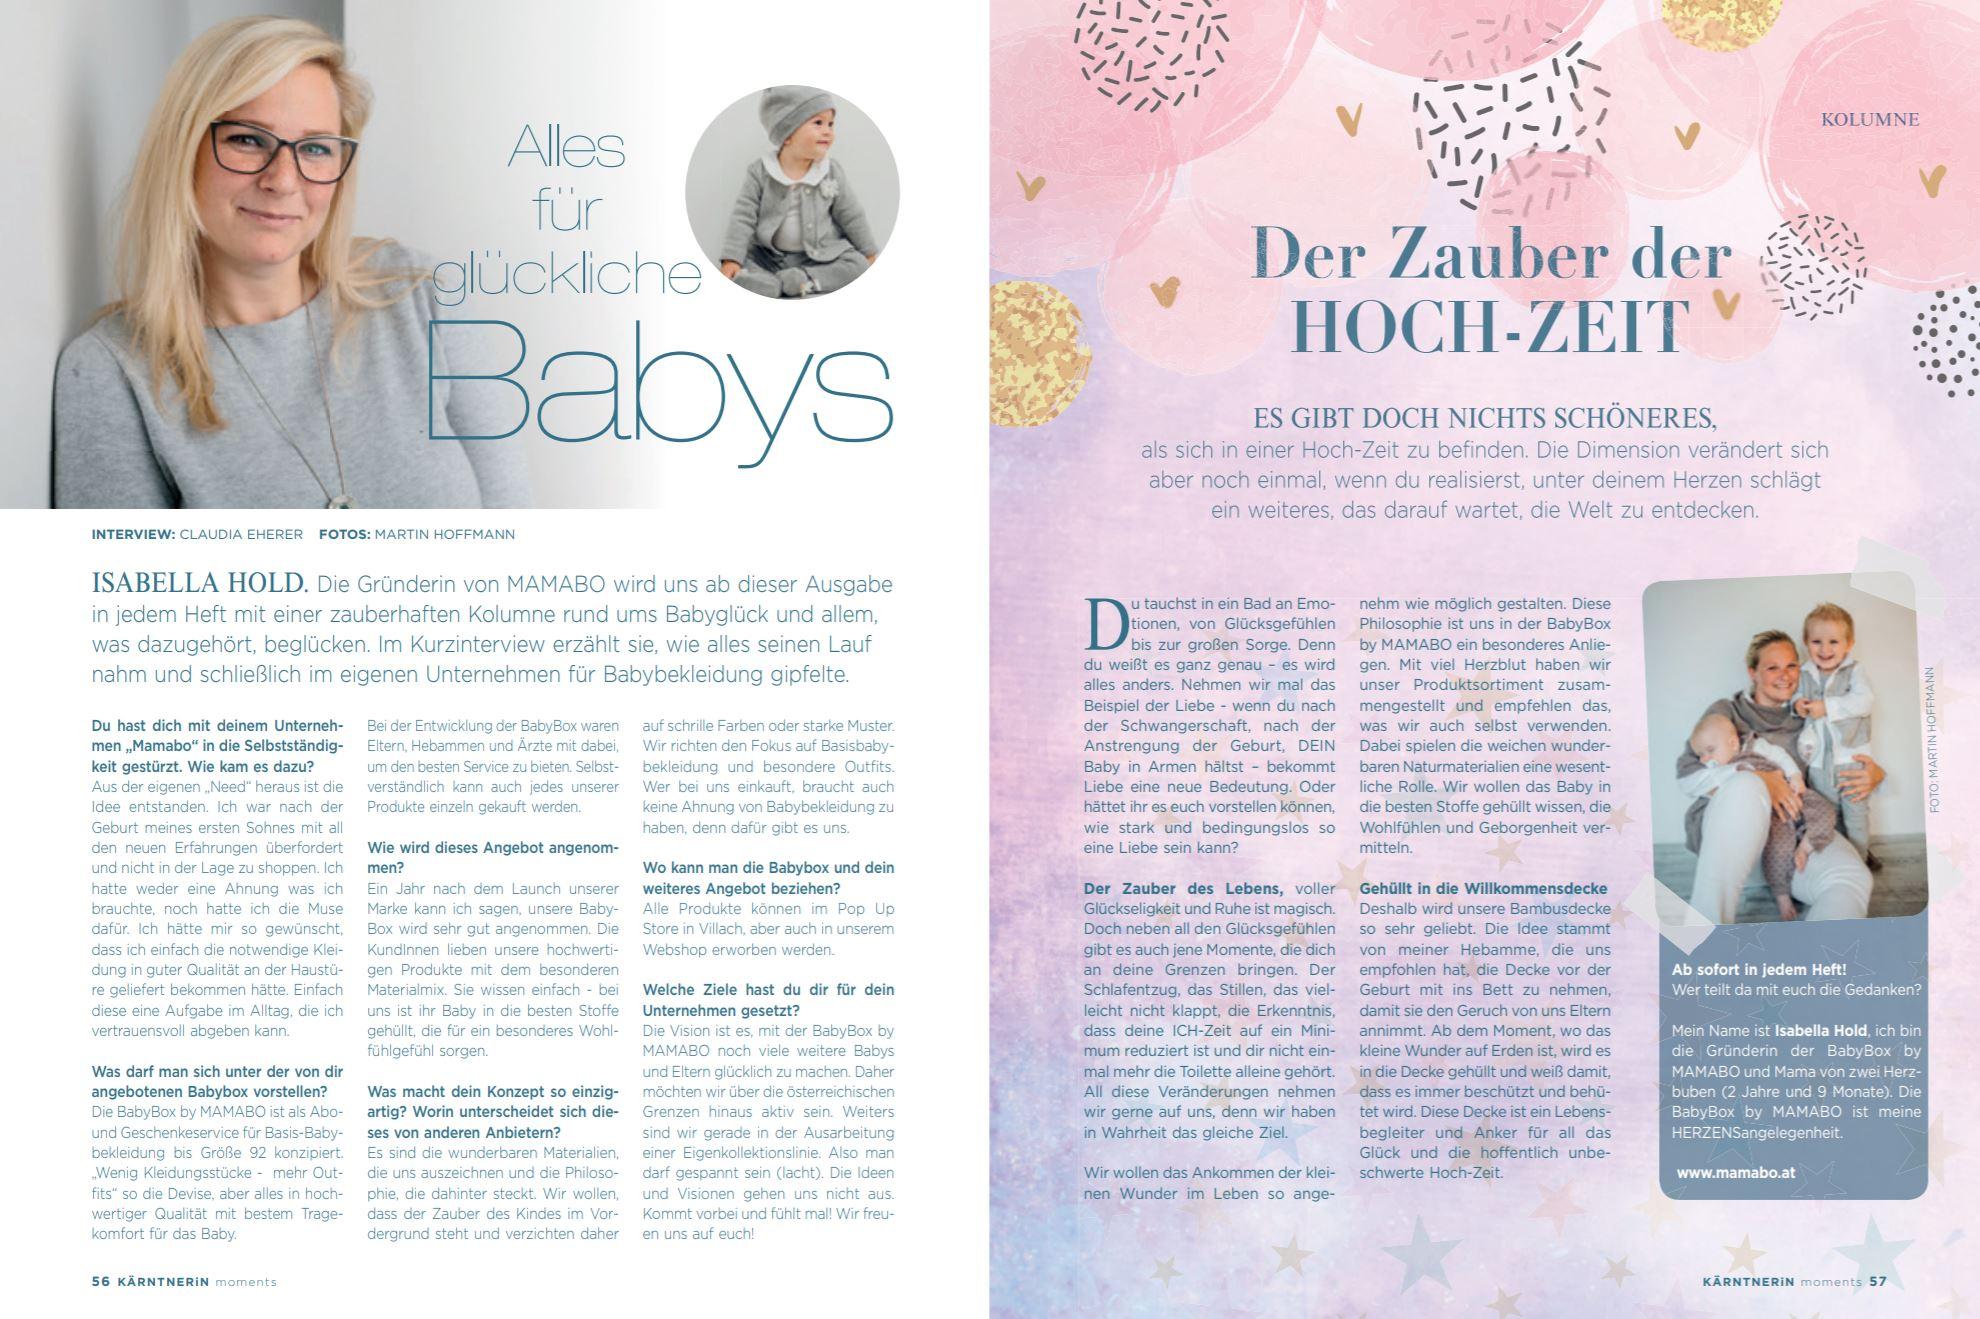 Alles für glückliche Babys – Interview